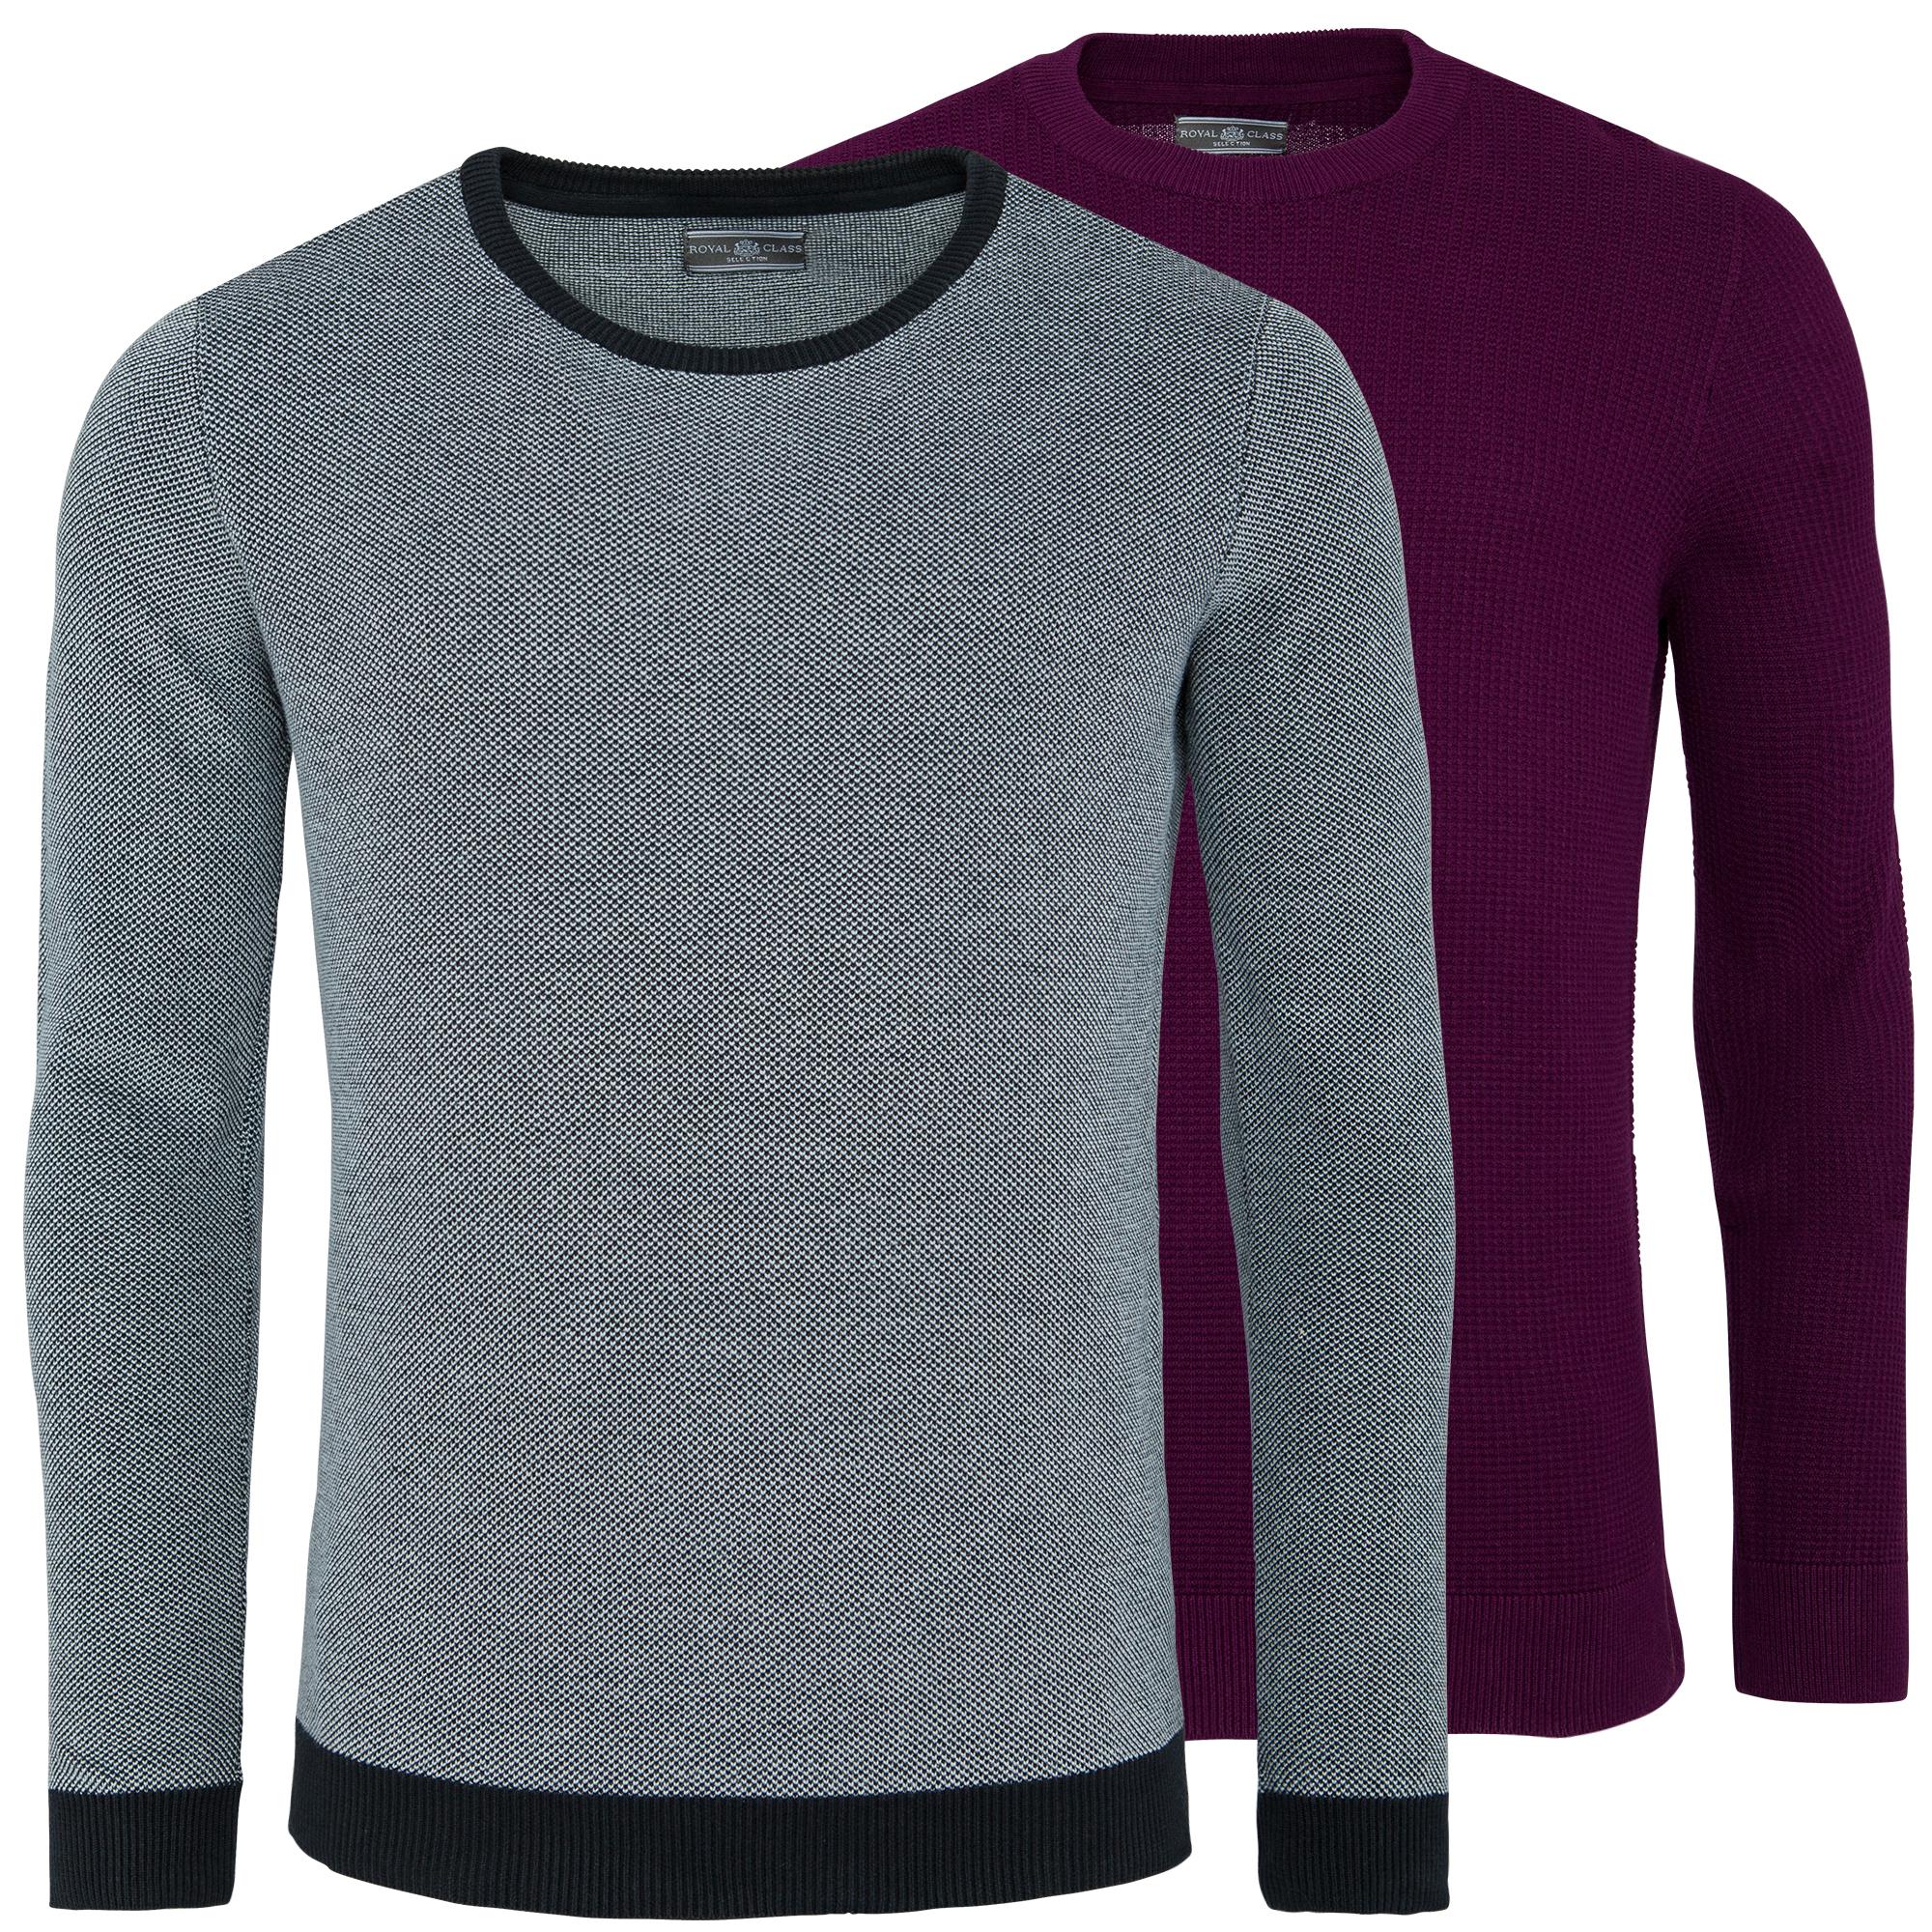 (eBay) 2er Pack Royal Class Pullover (100% Baumwolle) für 13,99€